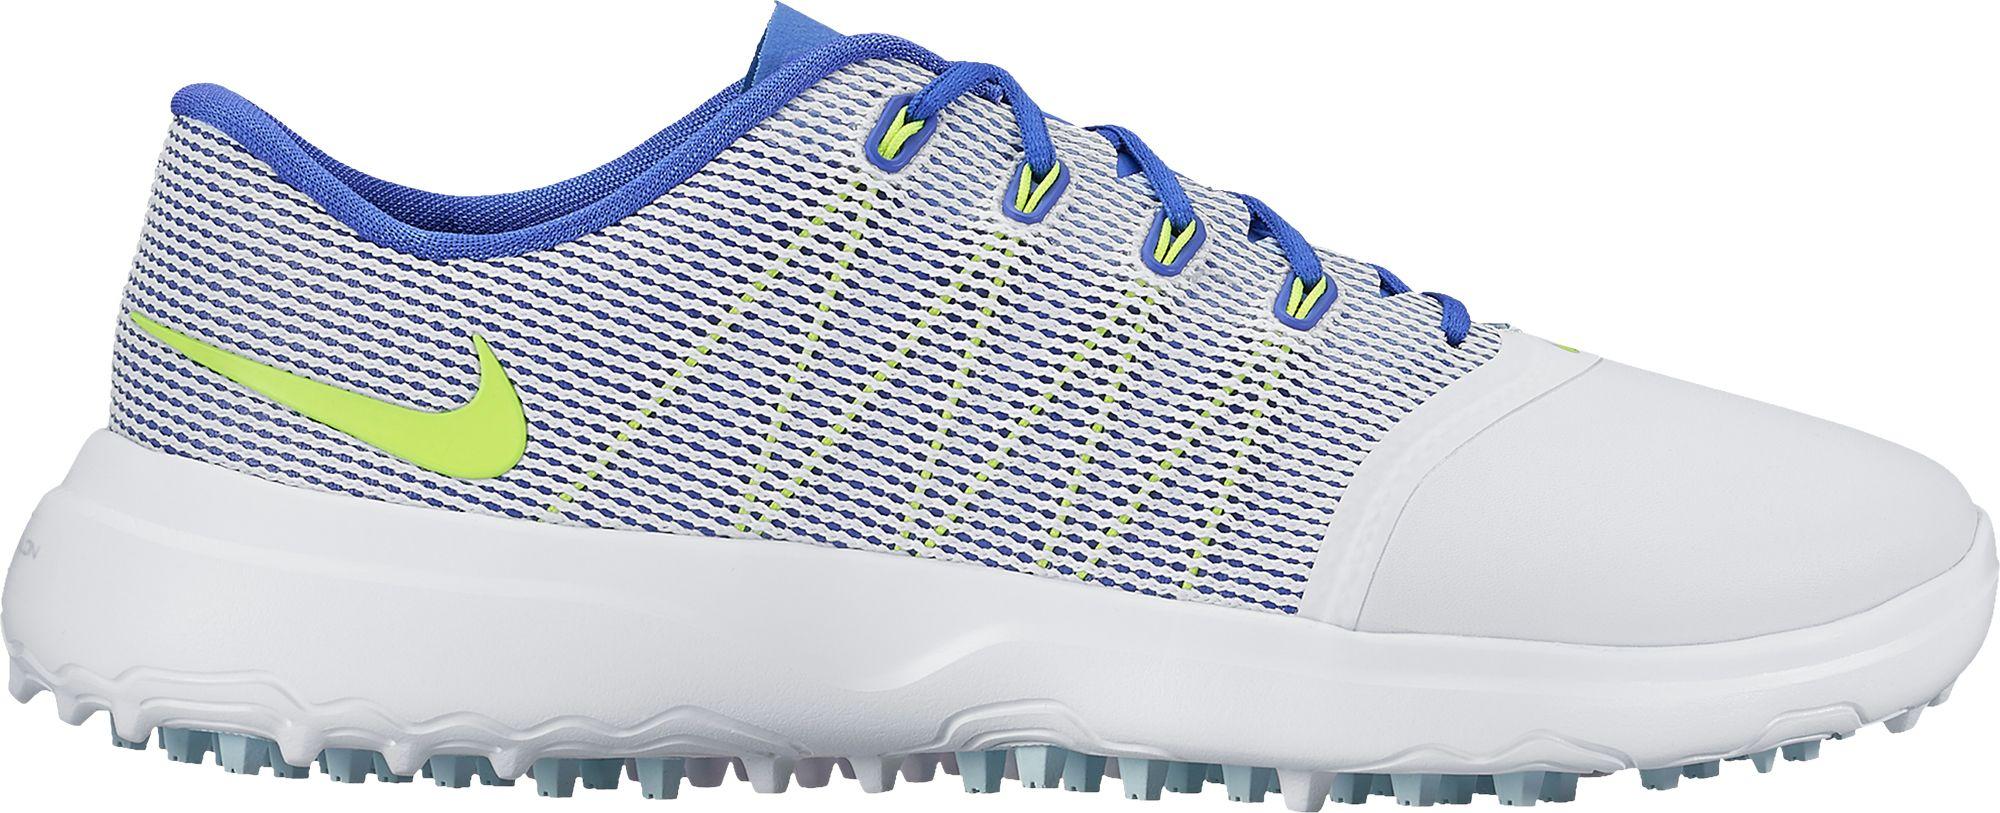 Nike Women\u0027s Lunar Empress 2 Golf Shoes